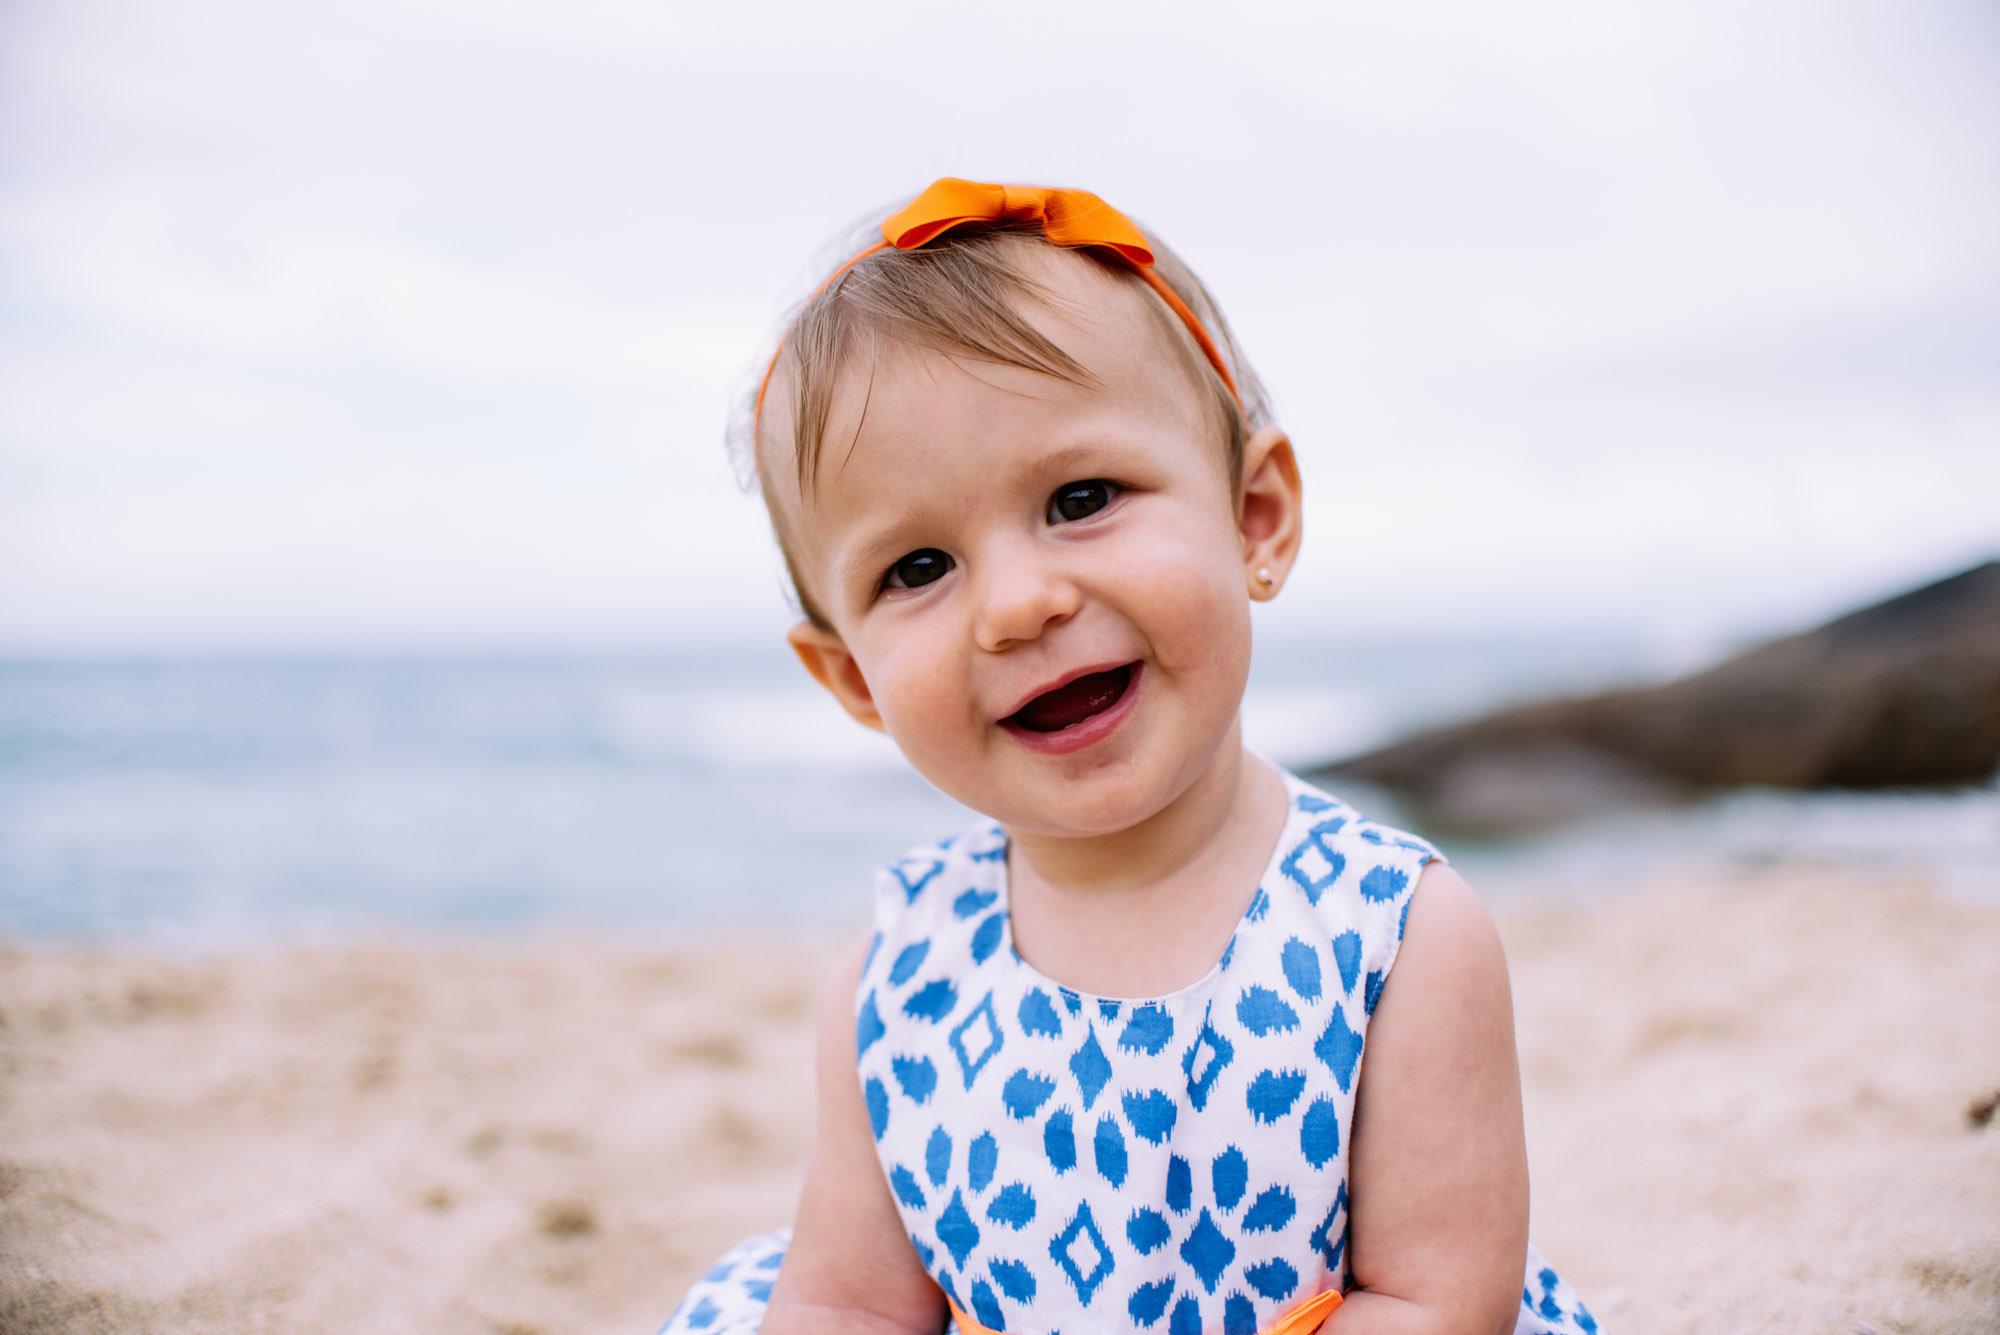 bebê menina na areia da praia